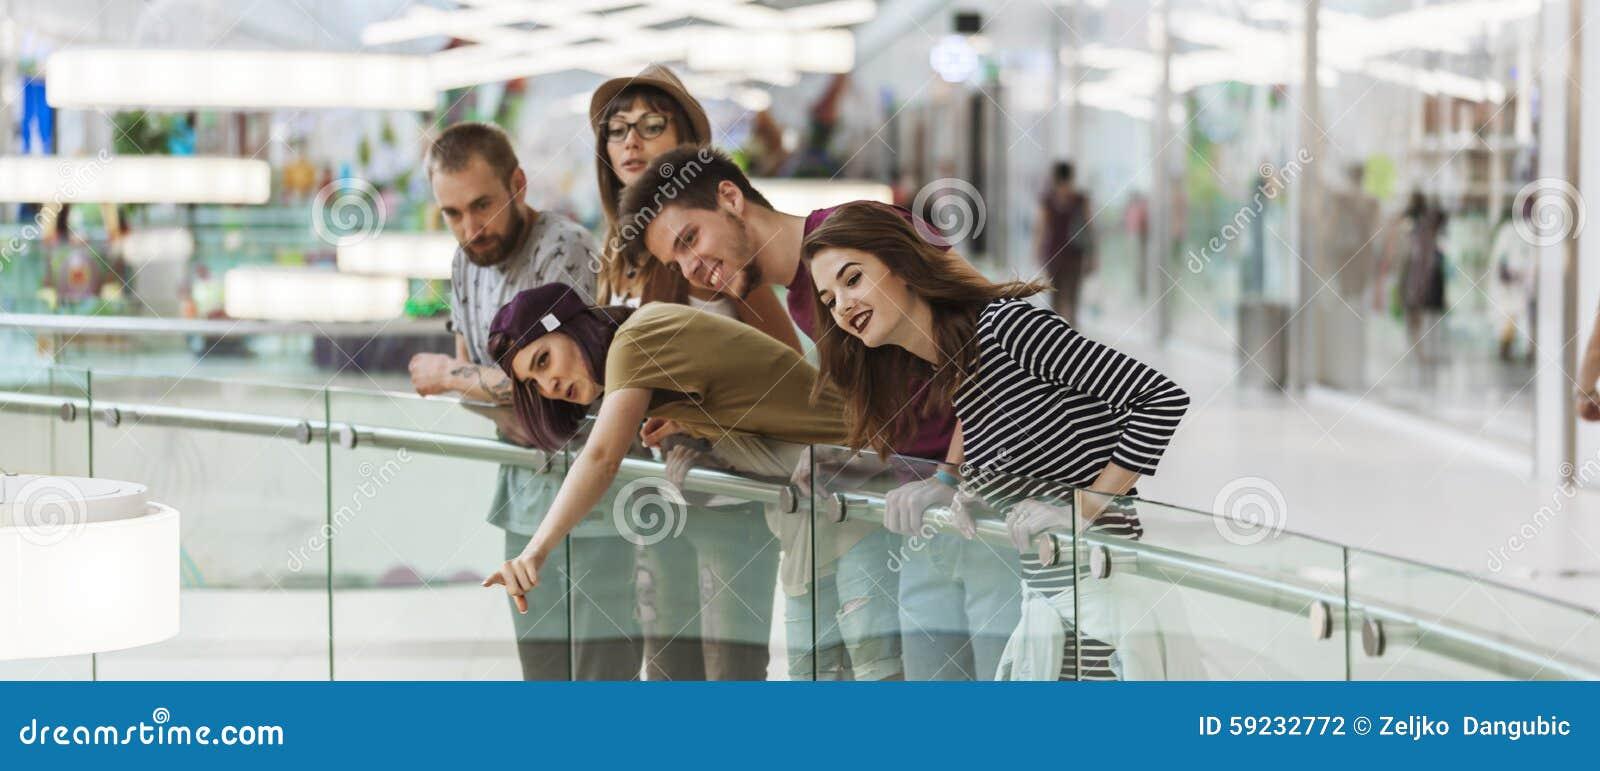 Download Inconformistas En Alameda De Compras Foto de archivo - Imagen de lifestyle, compra: 59232772